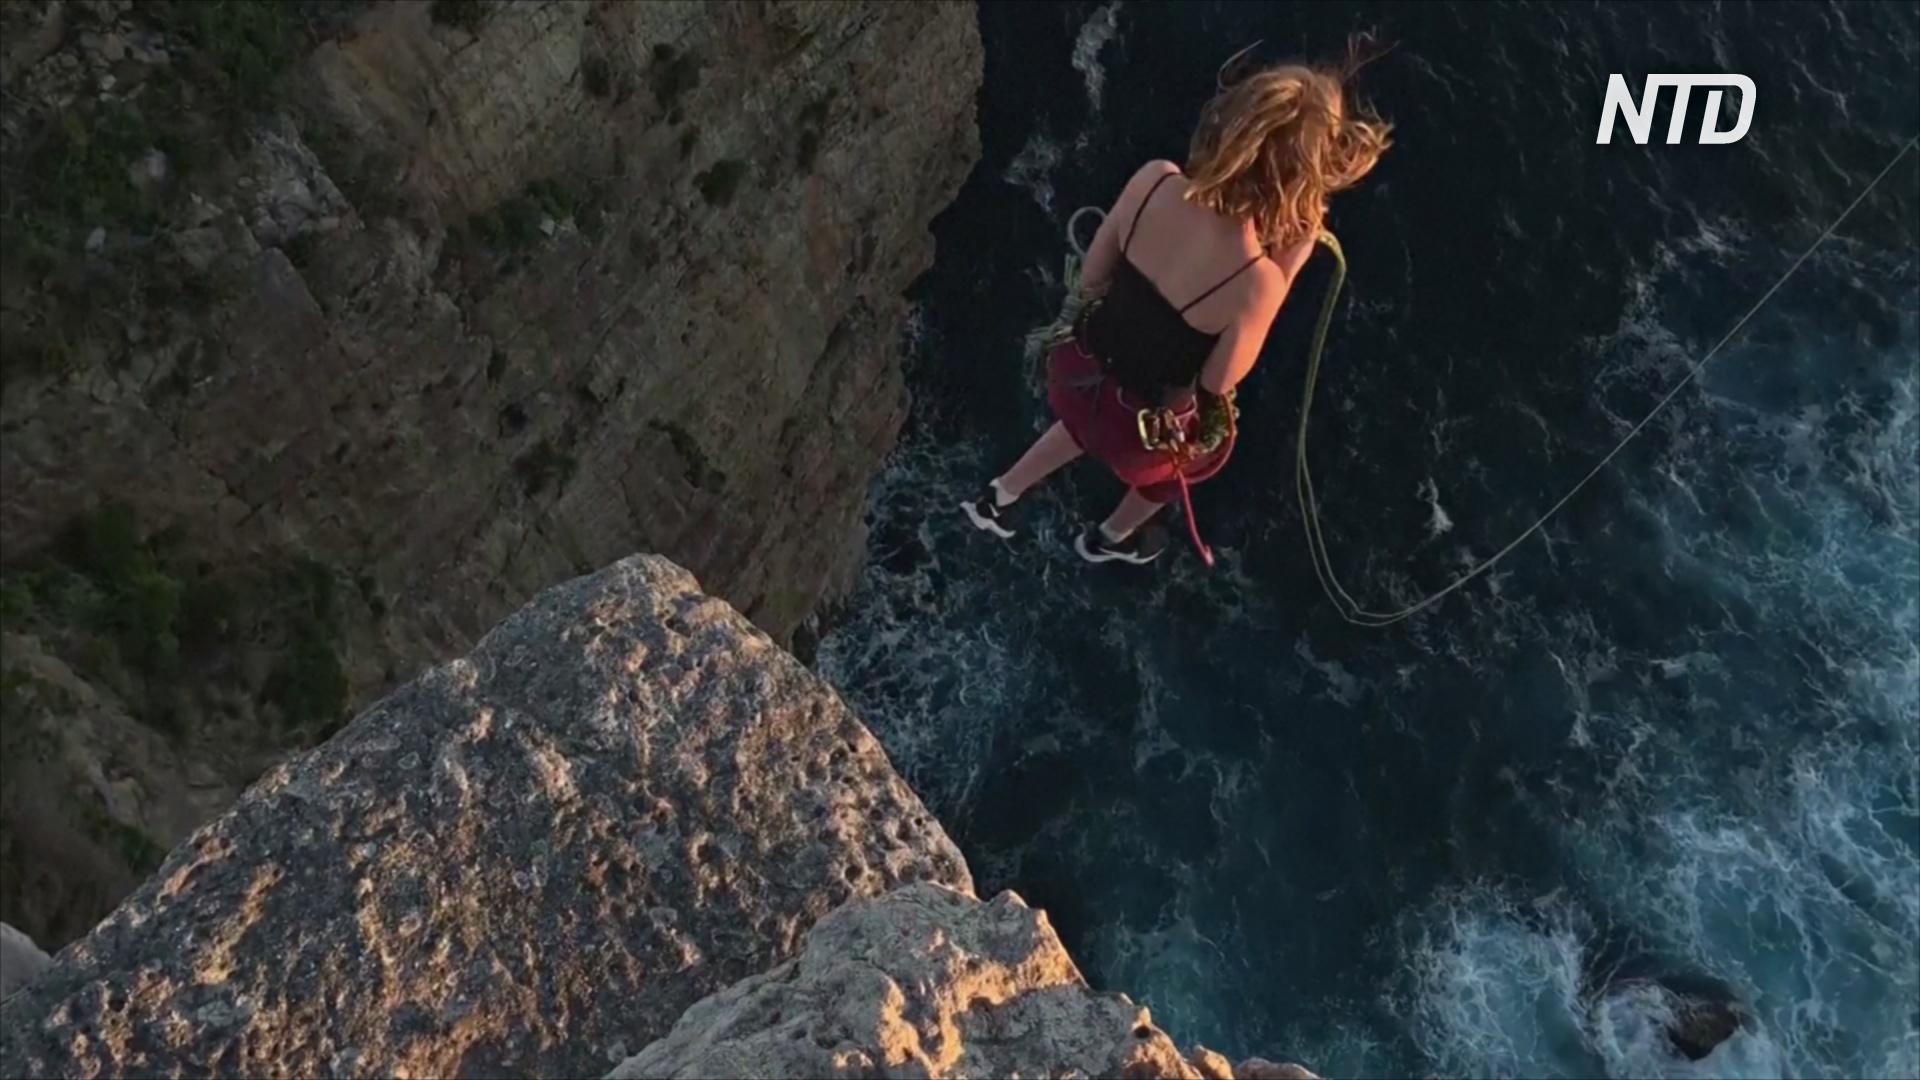 Для австралийских смельчаков прыжки со скалы стали демонстрацией единства и доверия